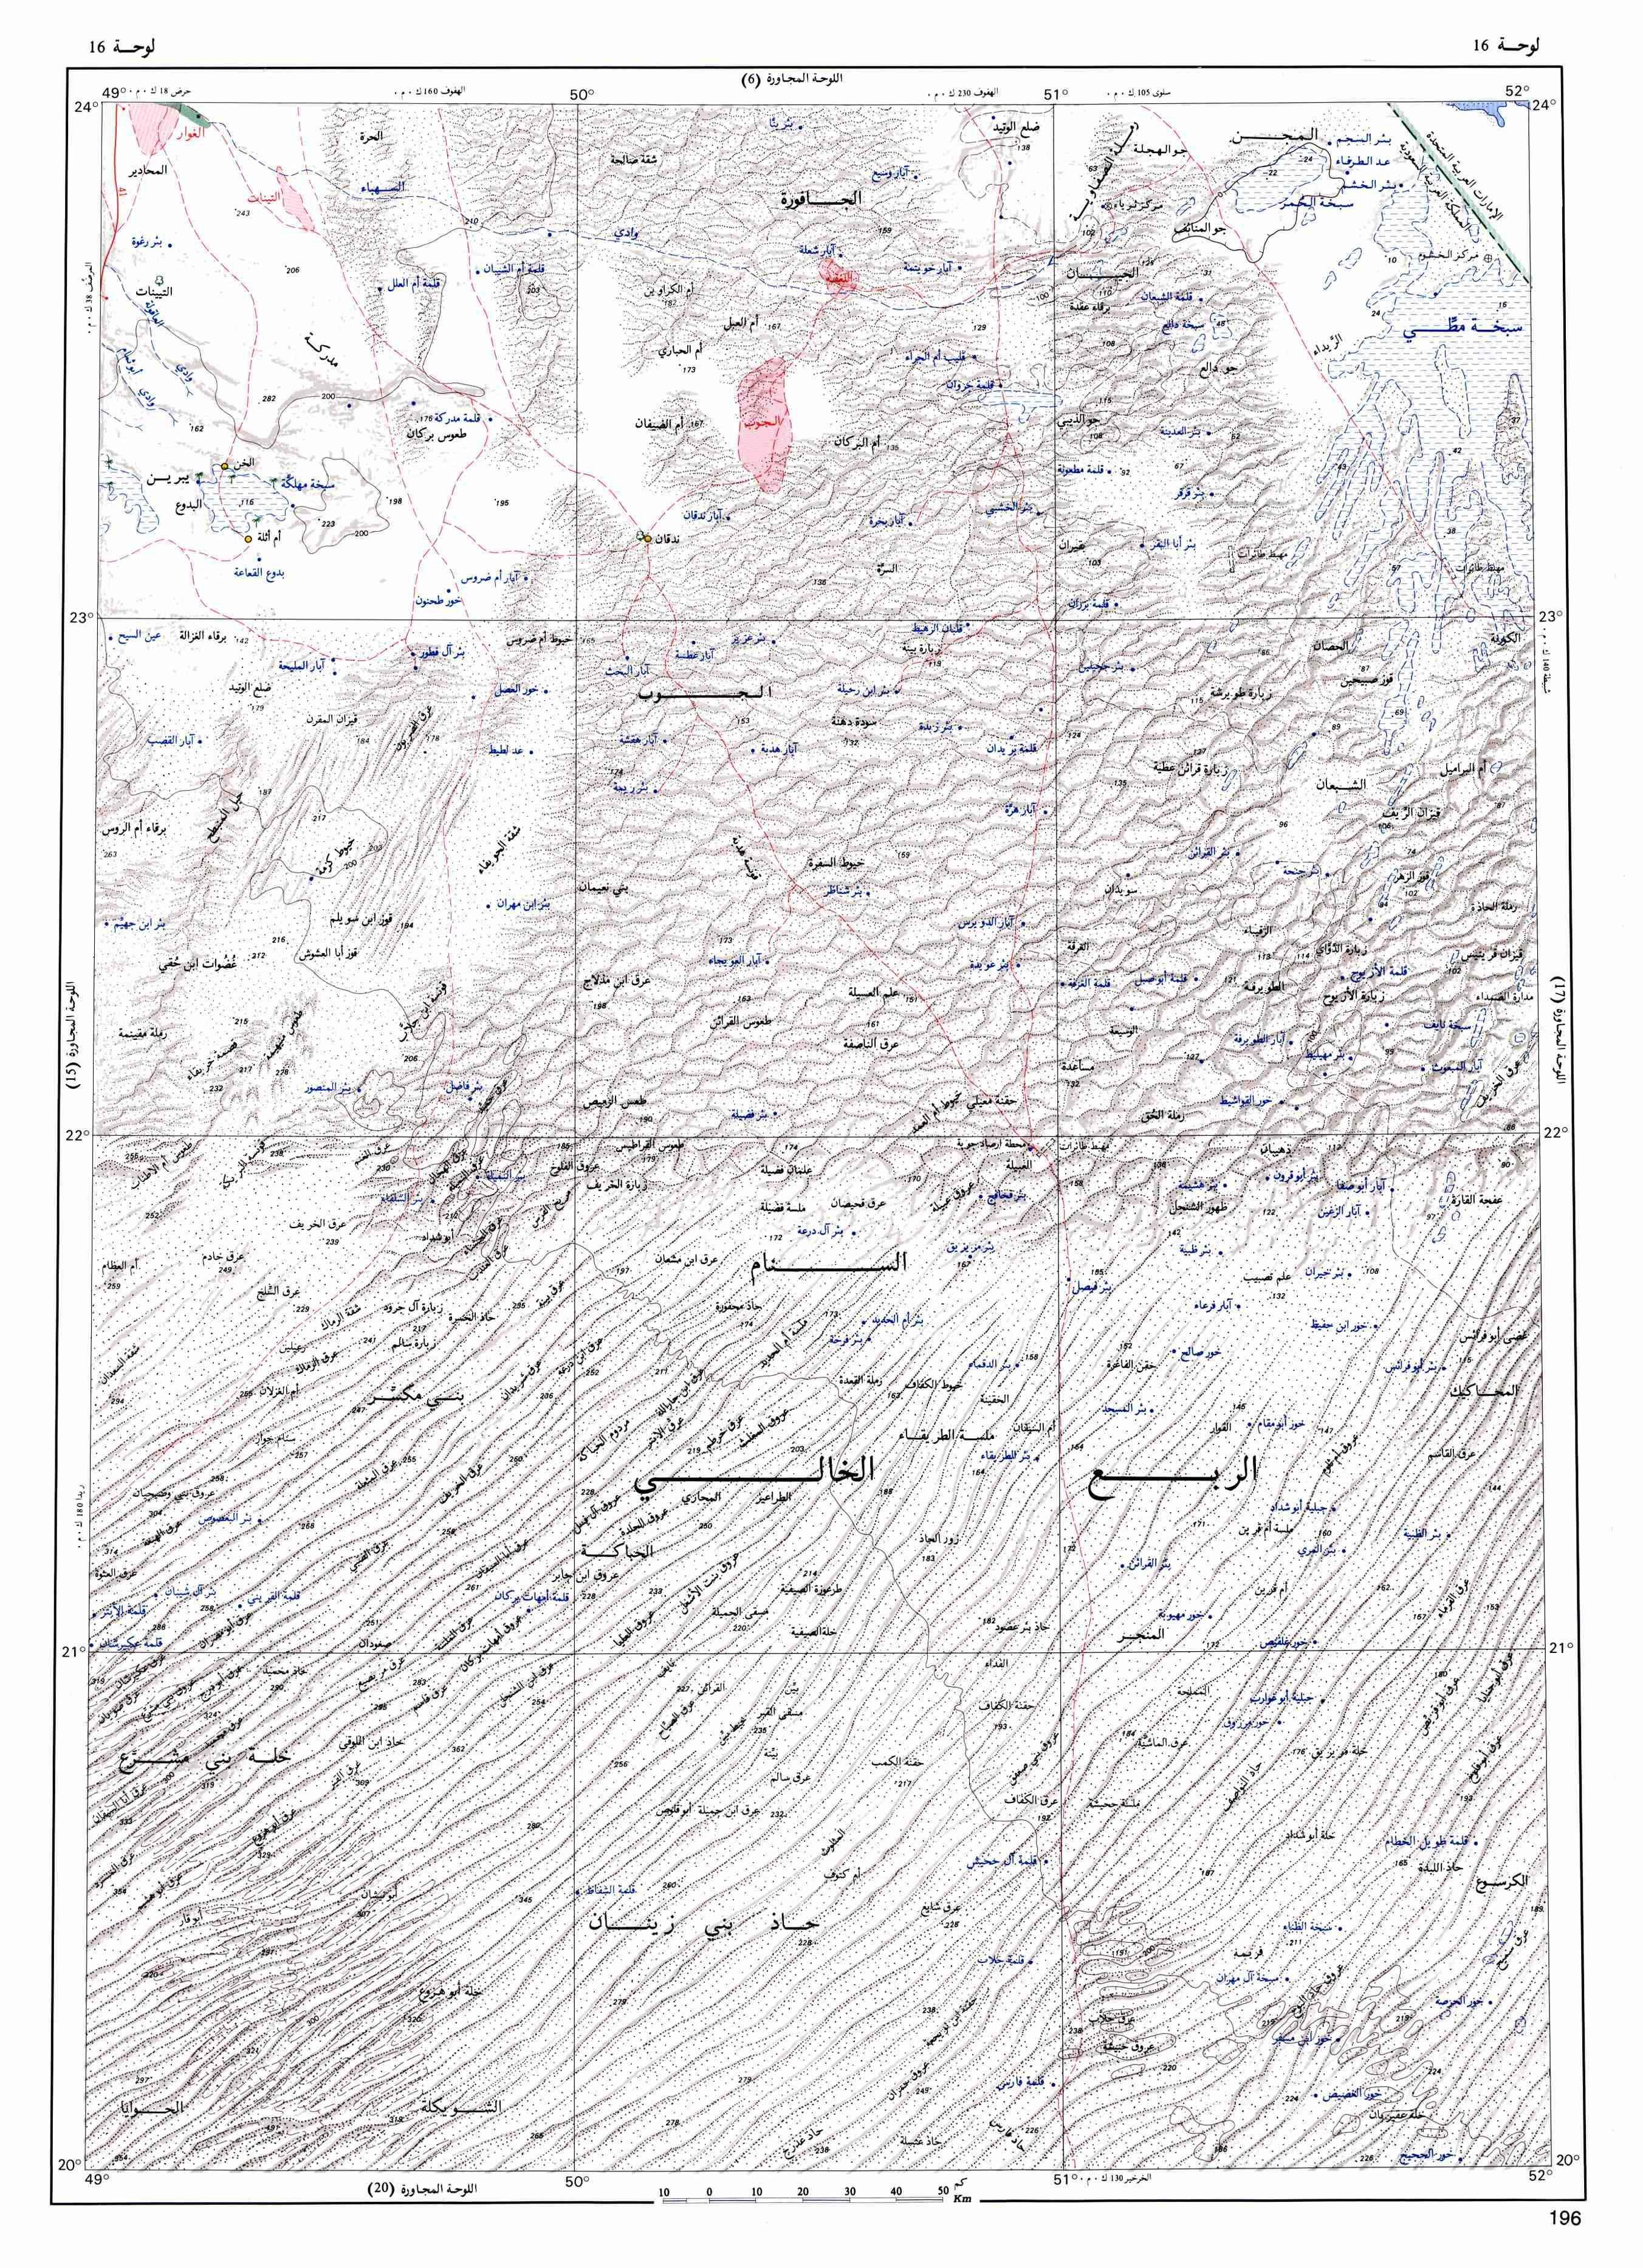 خريطة رقم 16 حوطة بلدة يبرين وجزء من شمال الربع الخالي Map Artwork Fig